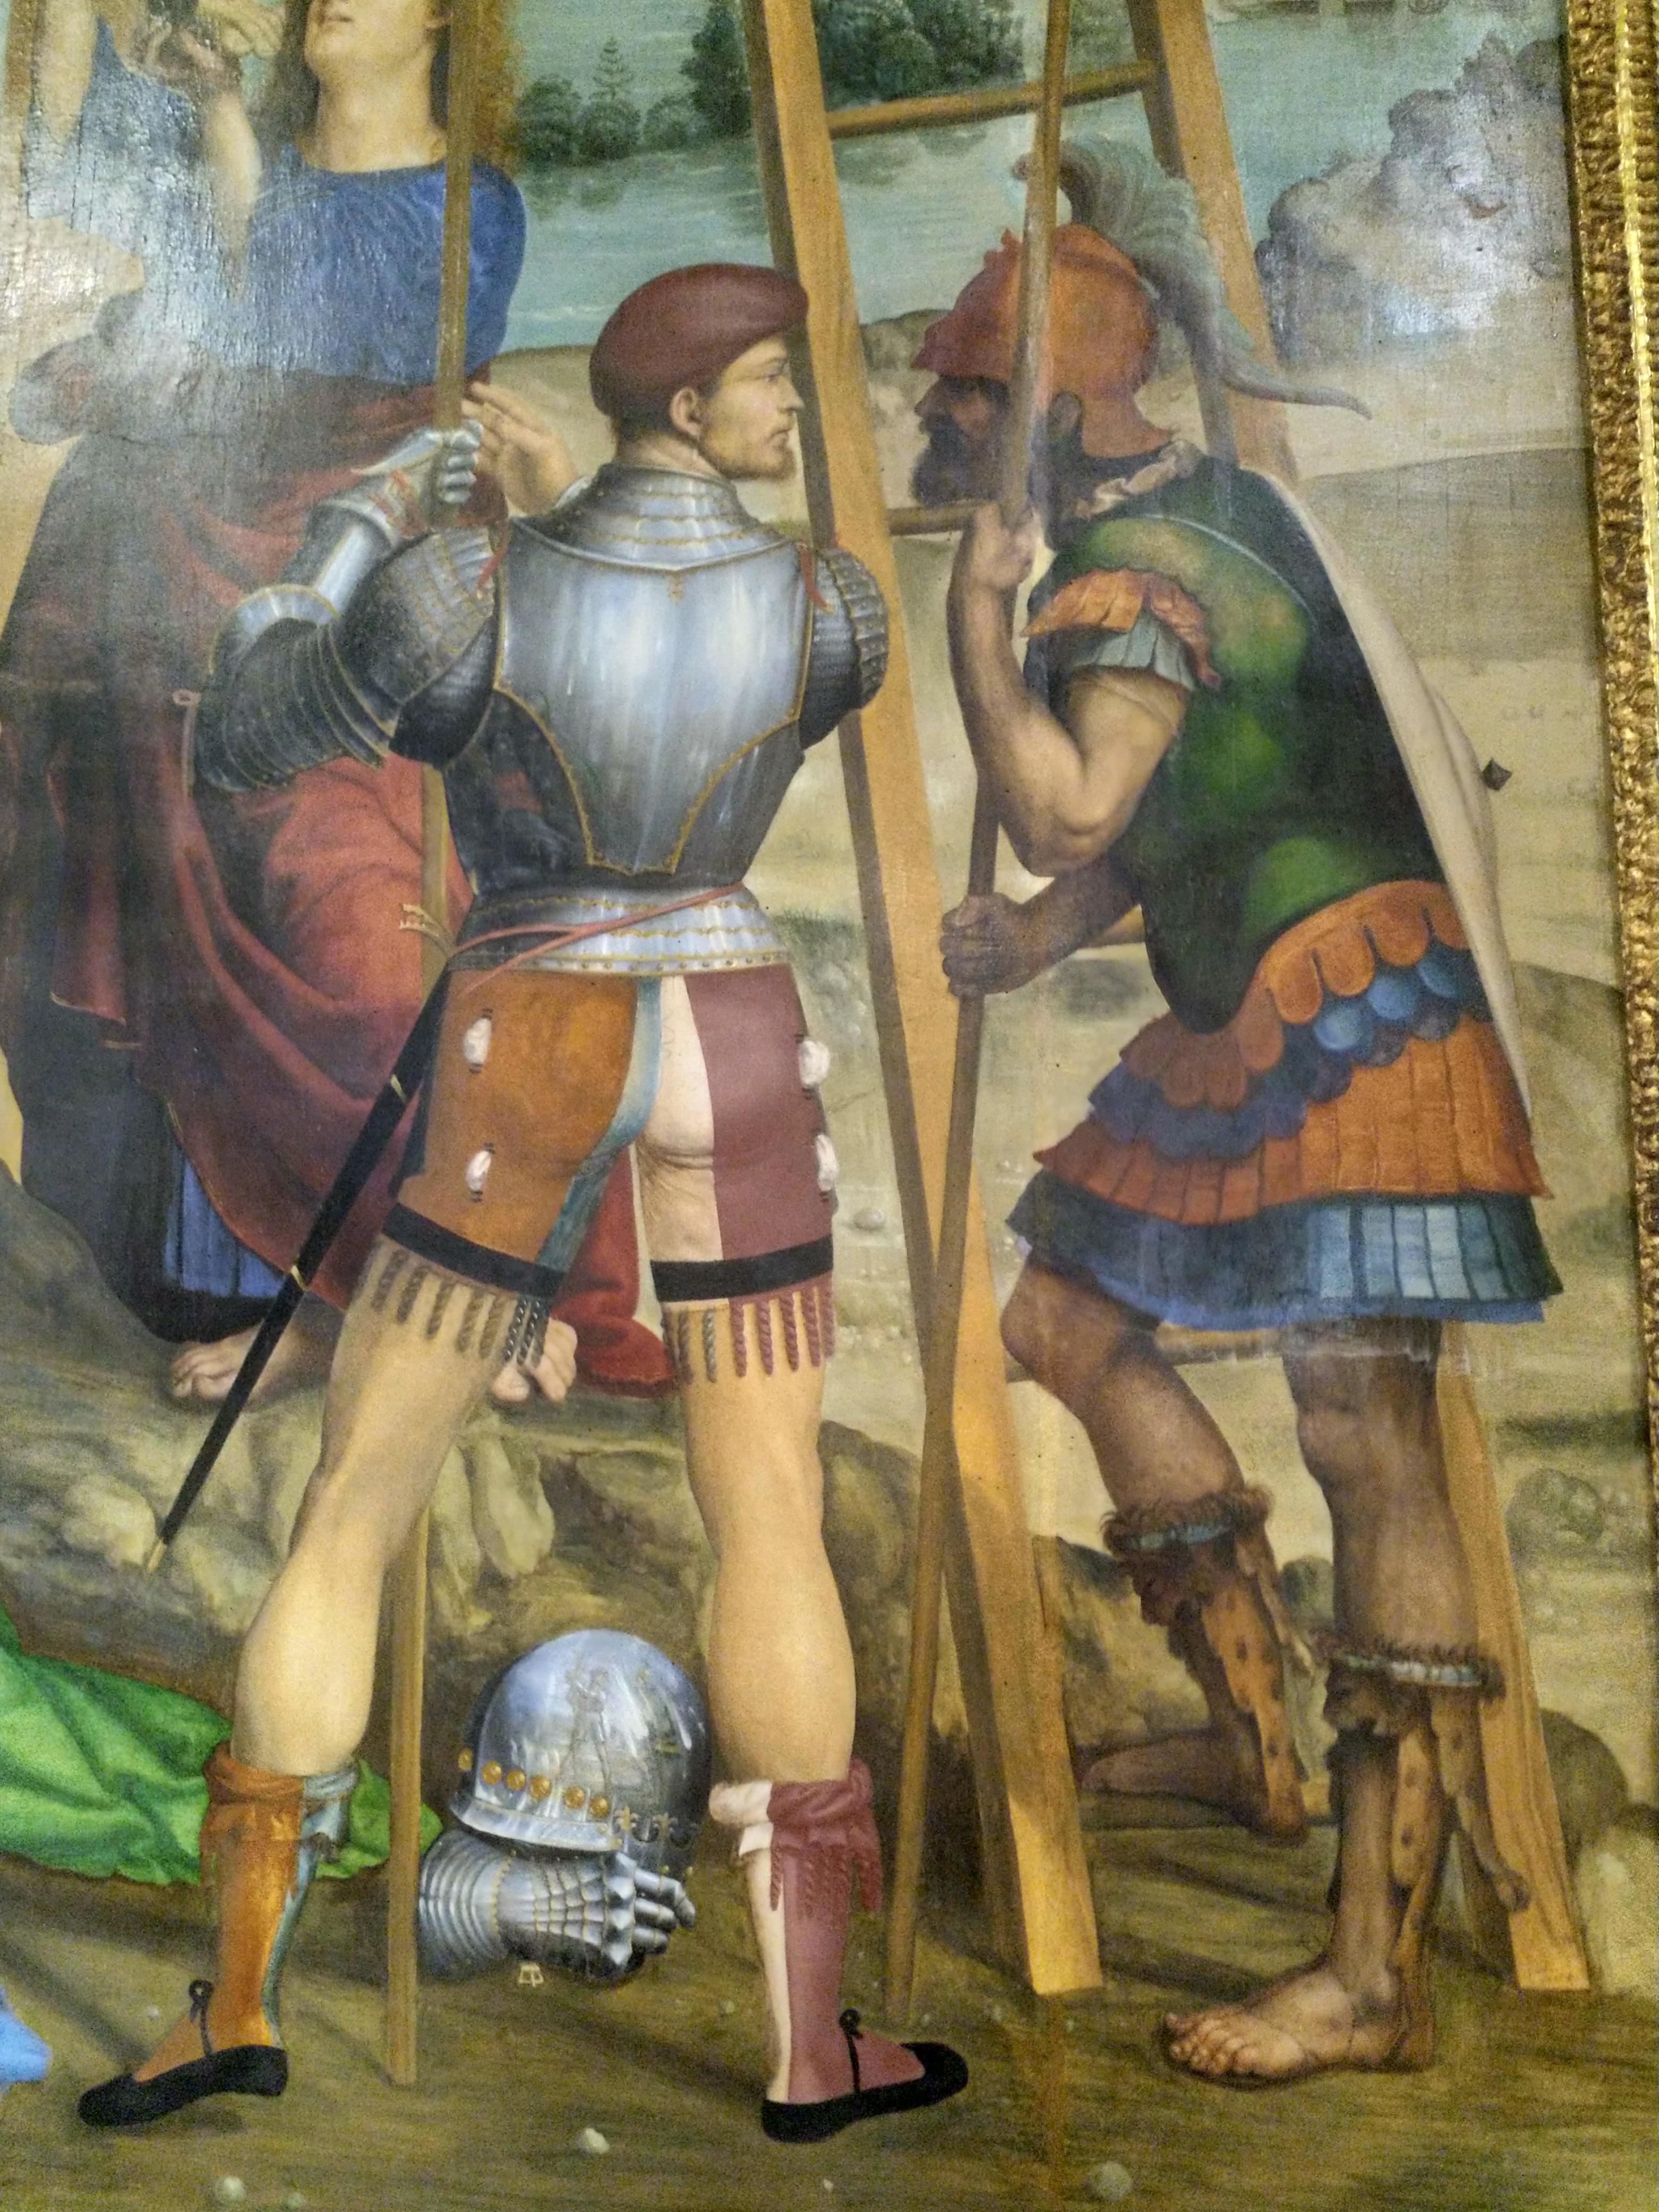 1510 Sodoma,Descente de croix, Pinacoteca nazionale, Sienne chapelle Cinuzzi eglise San Francesco detail soldat